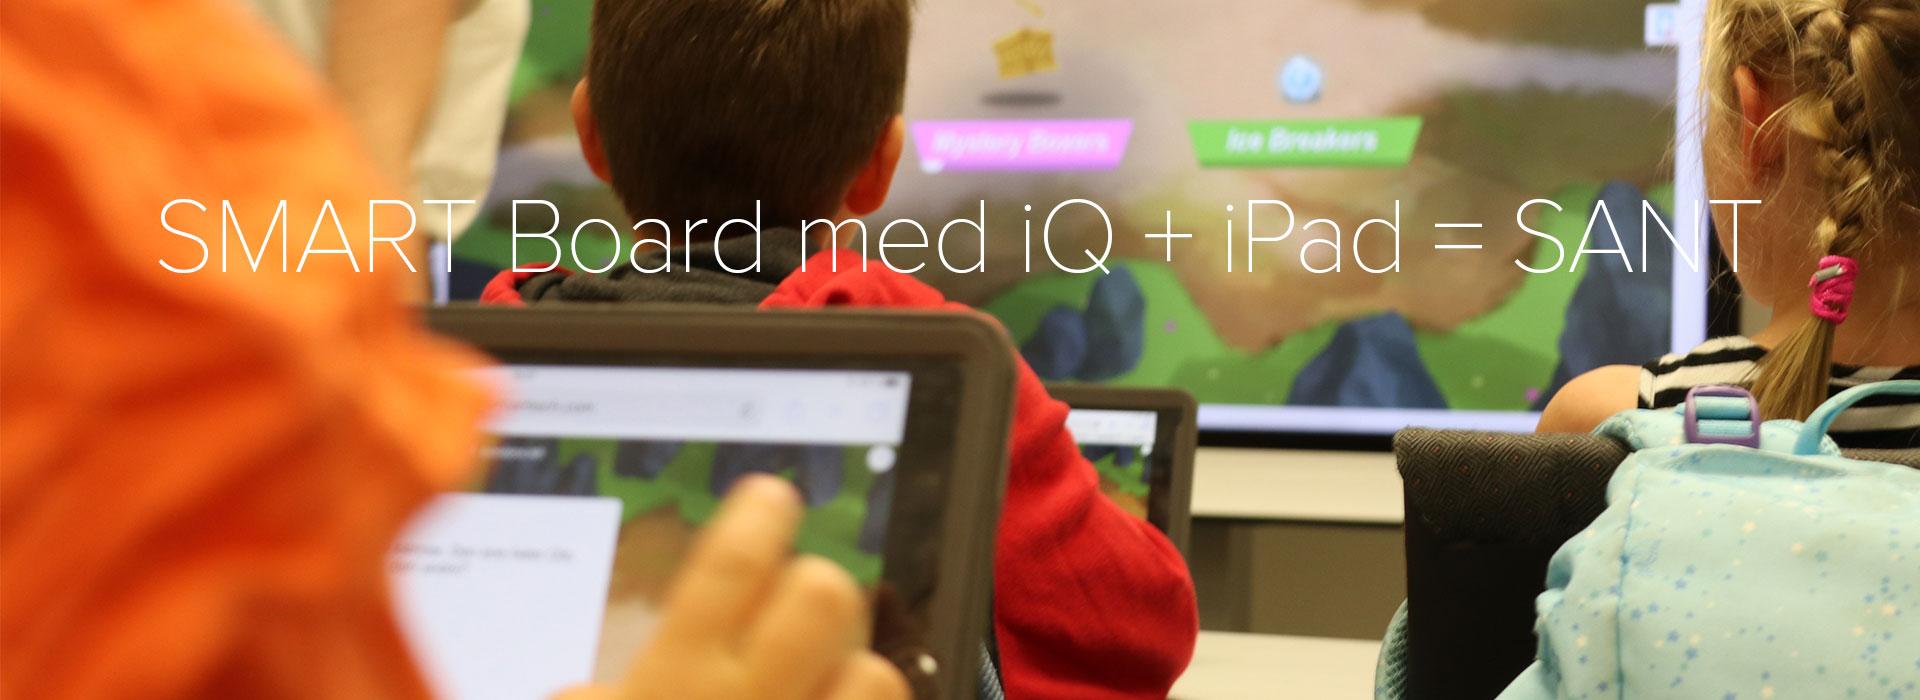 SMART-Board-med-iQ-iPad-sant-video